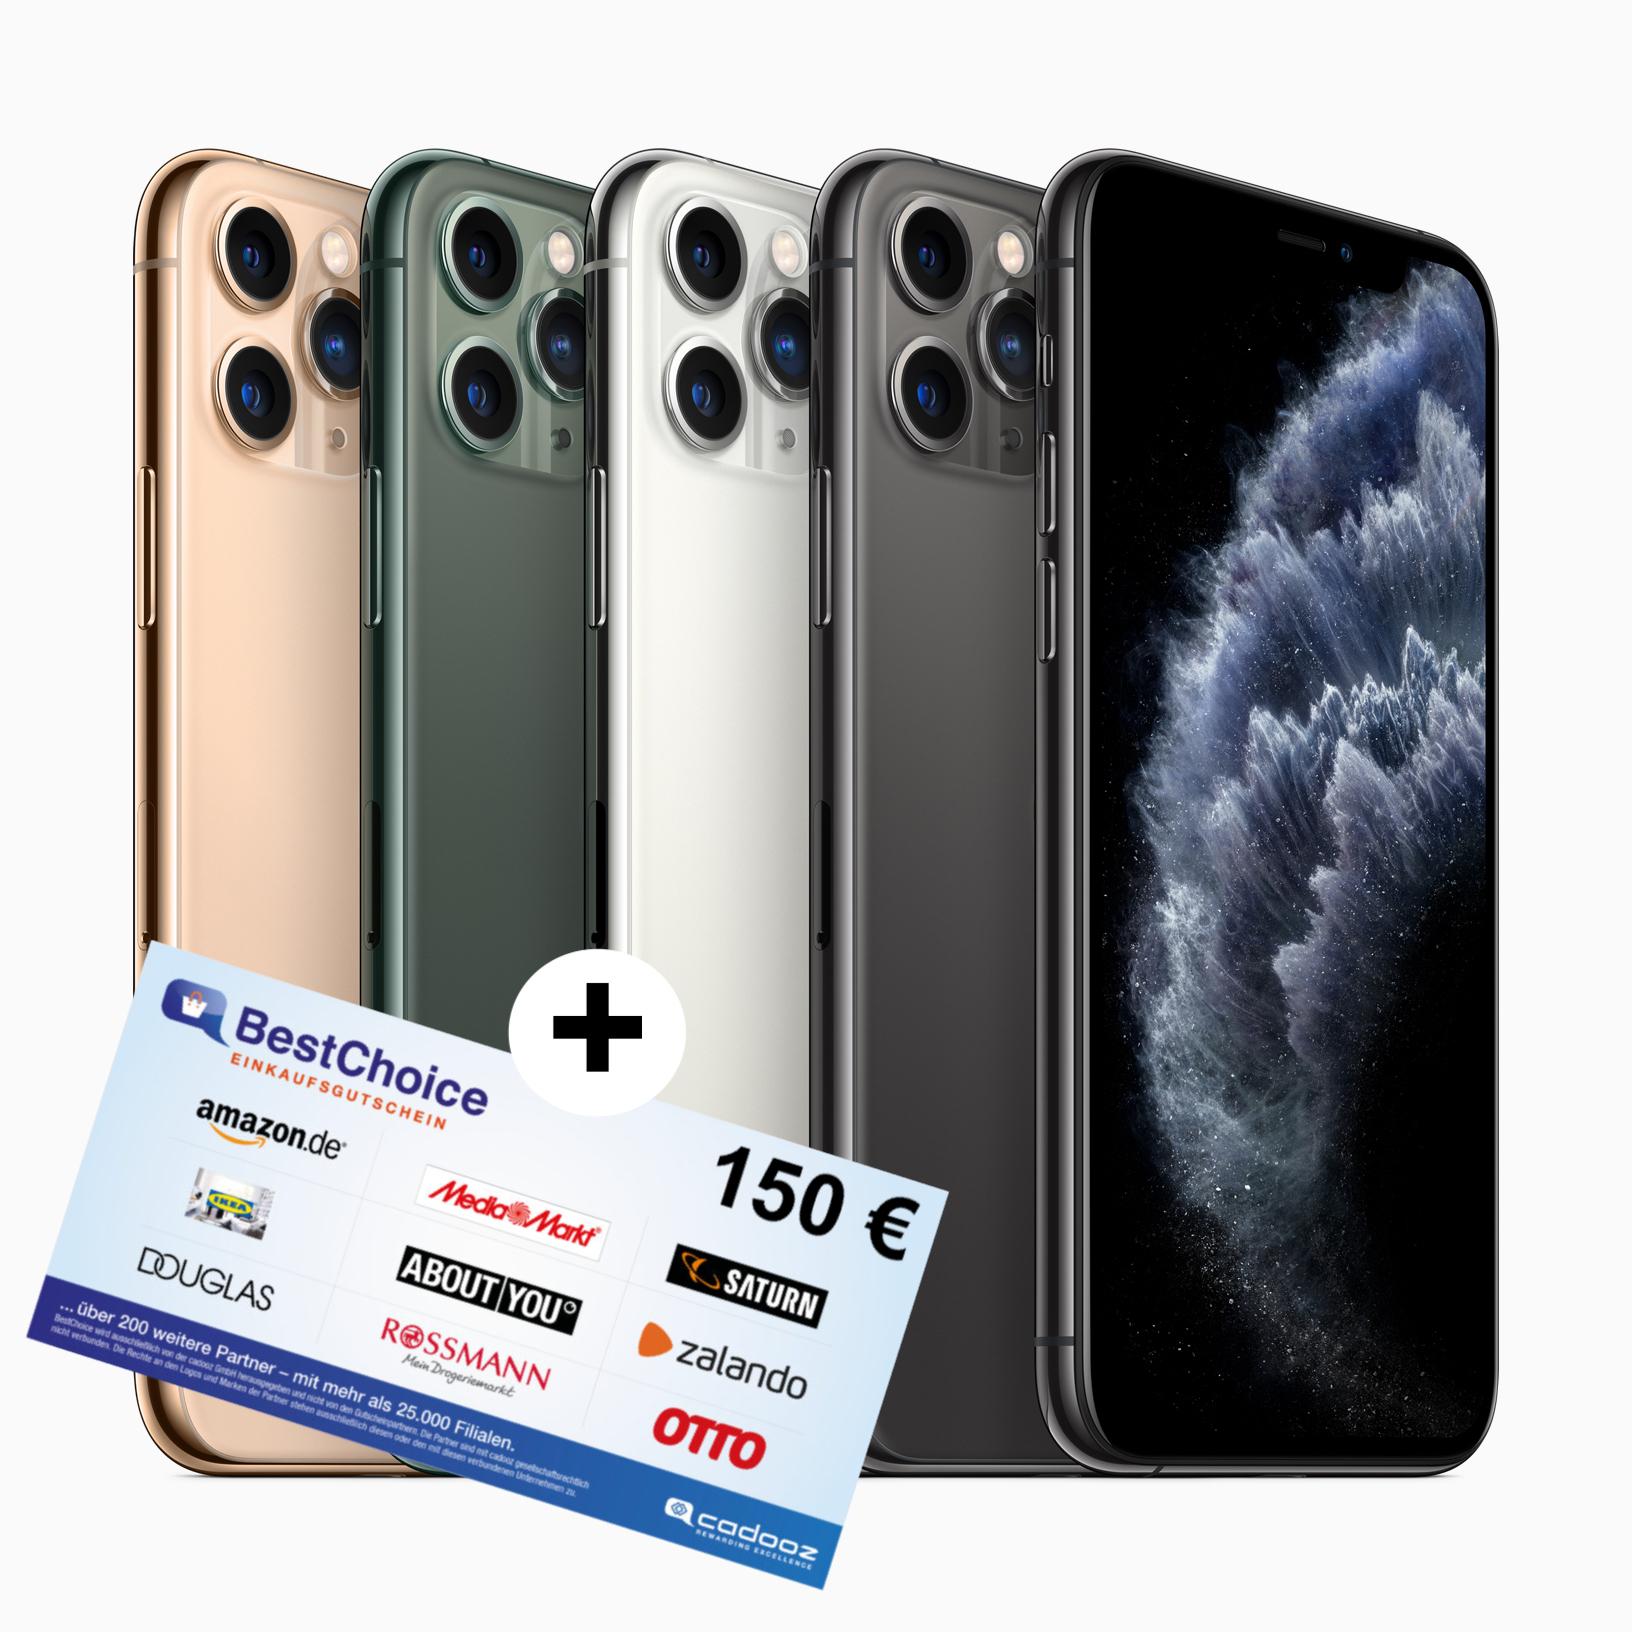 o2 Free Unlimited Max (225 Mbit/s) eff. mtl. 19,42€ nach HW-Verkauf: 150€ BestChoice Gutschein + iPhone 11 Pro für 49€ ZZ + mtl. 59,99€